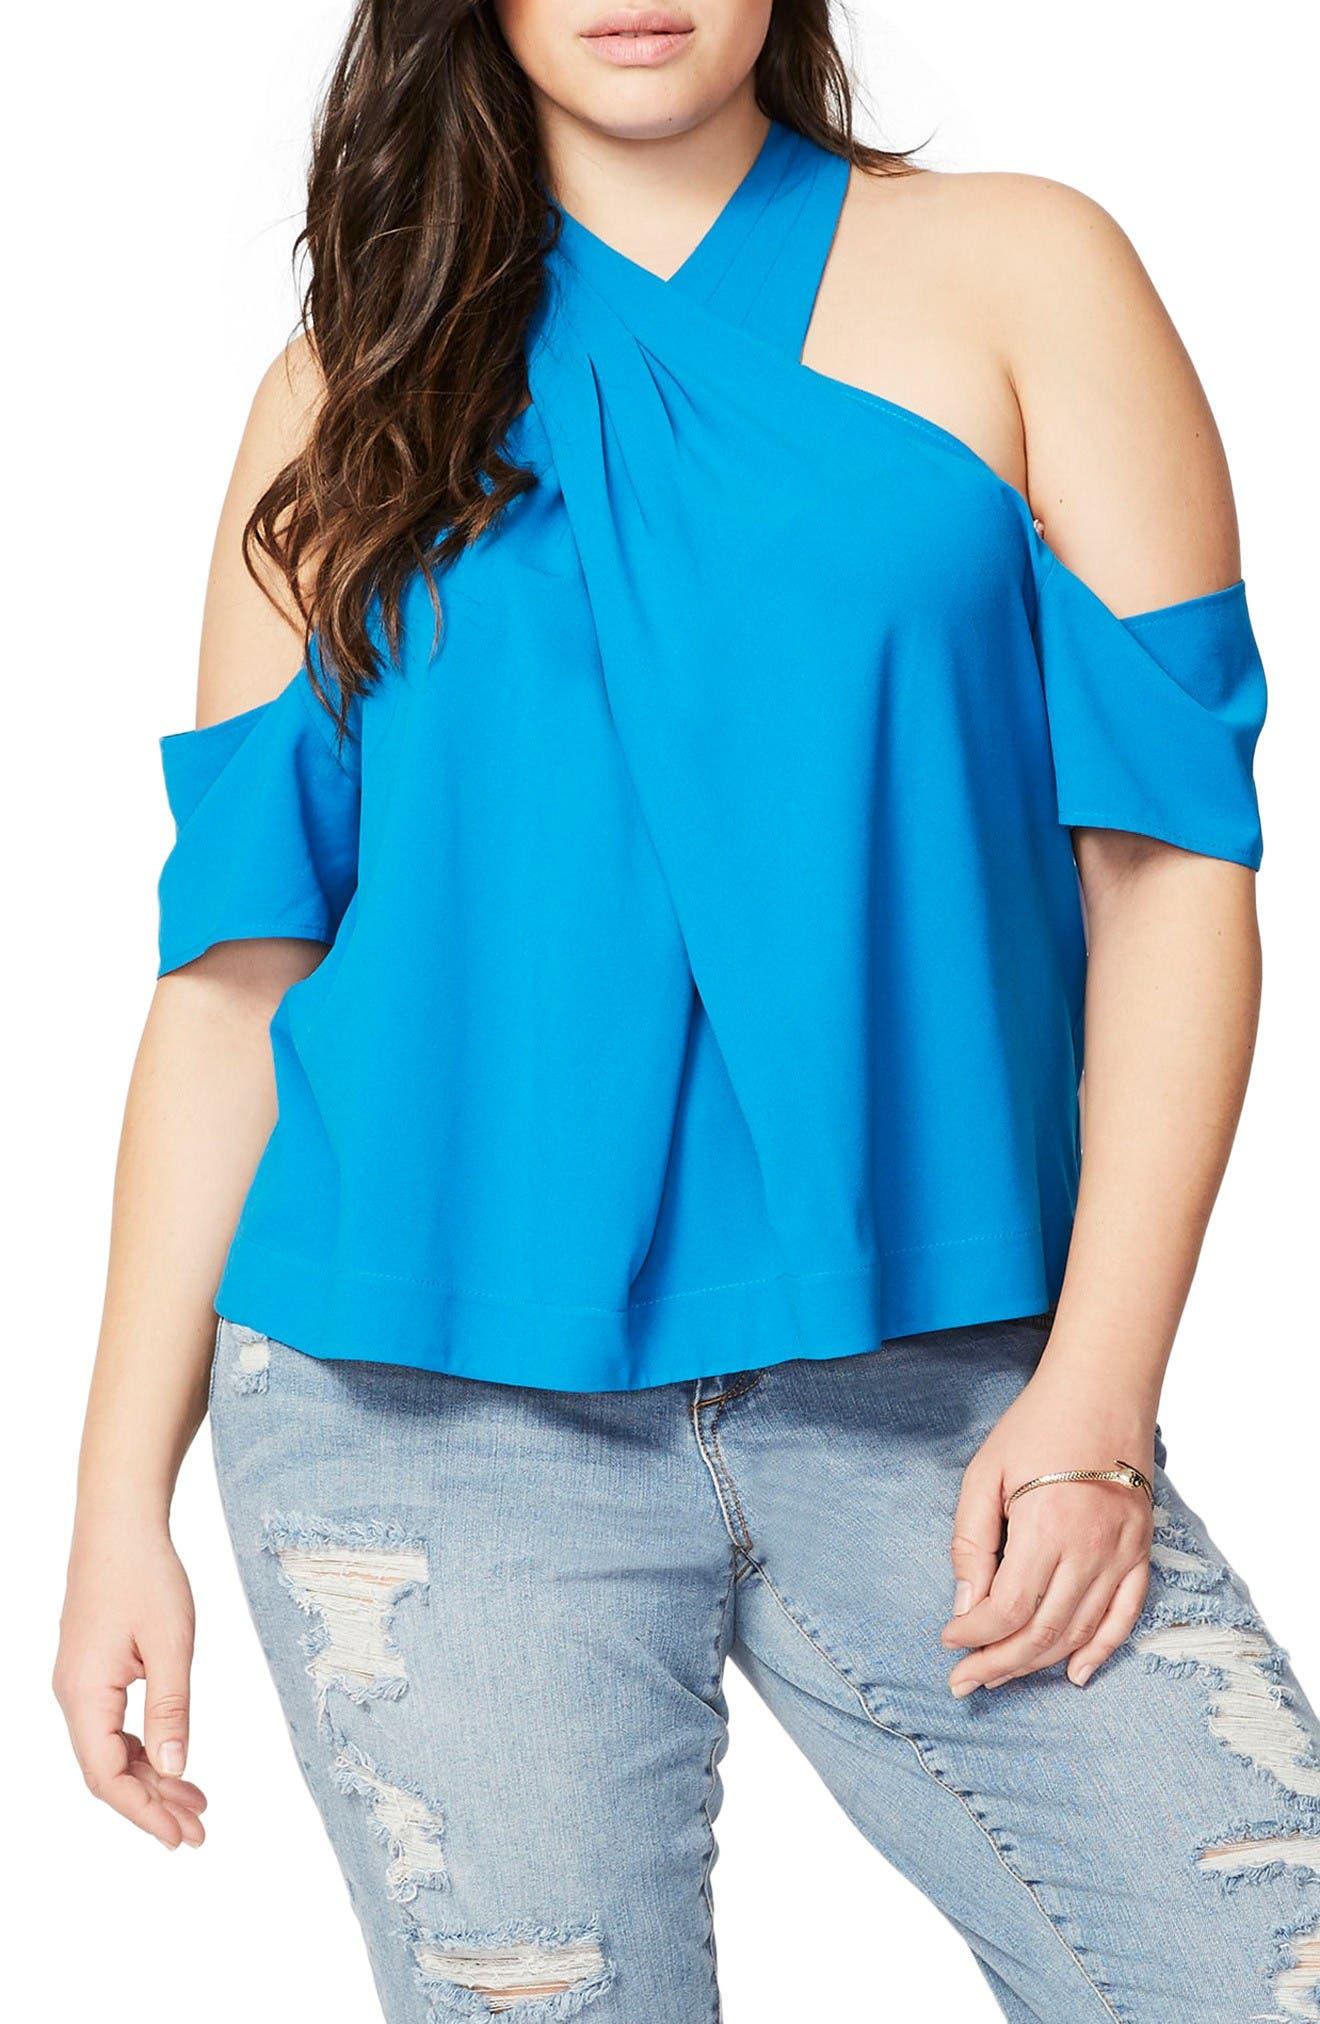 Main Image - Rachel Roy Cold Shoulder Crisscross Top (Plus Size)